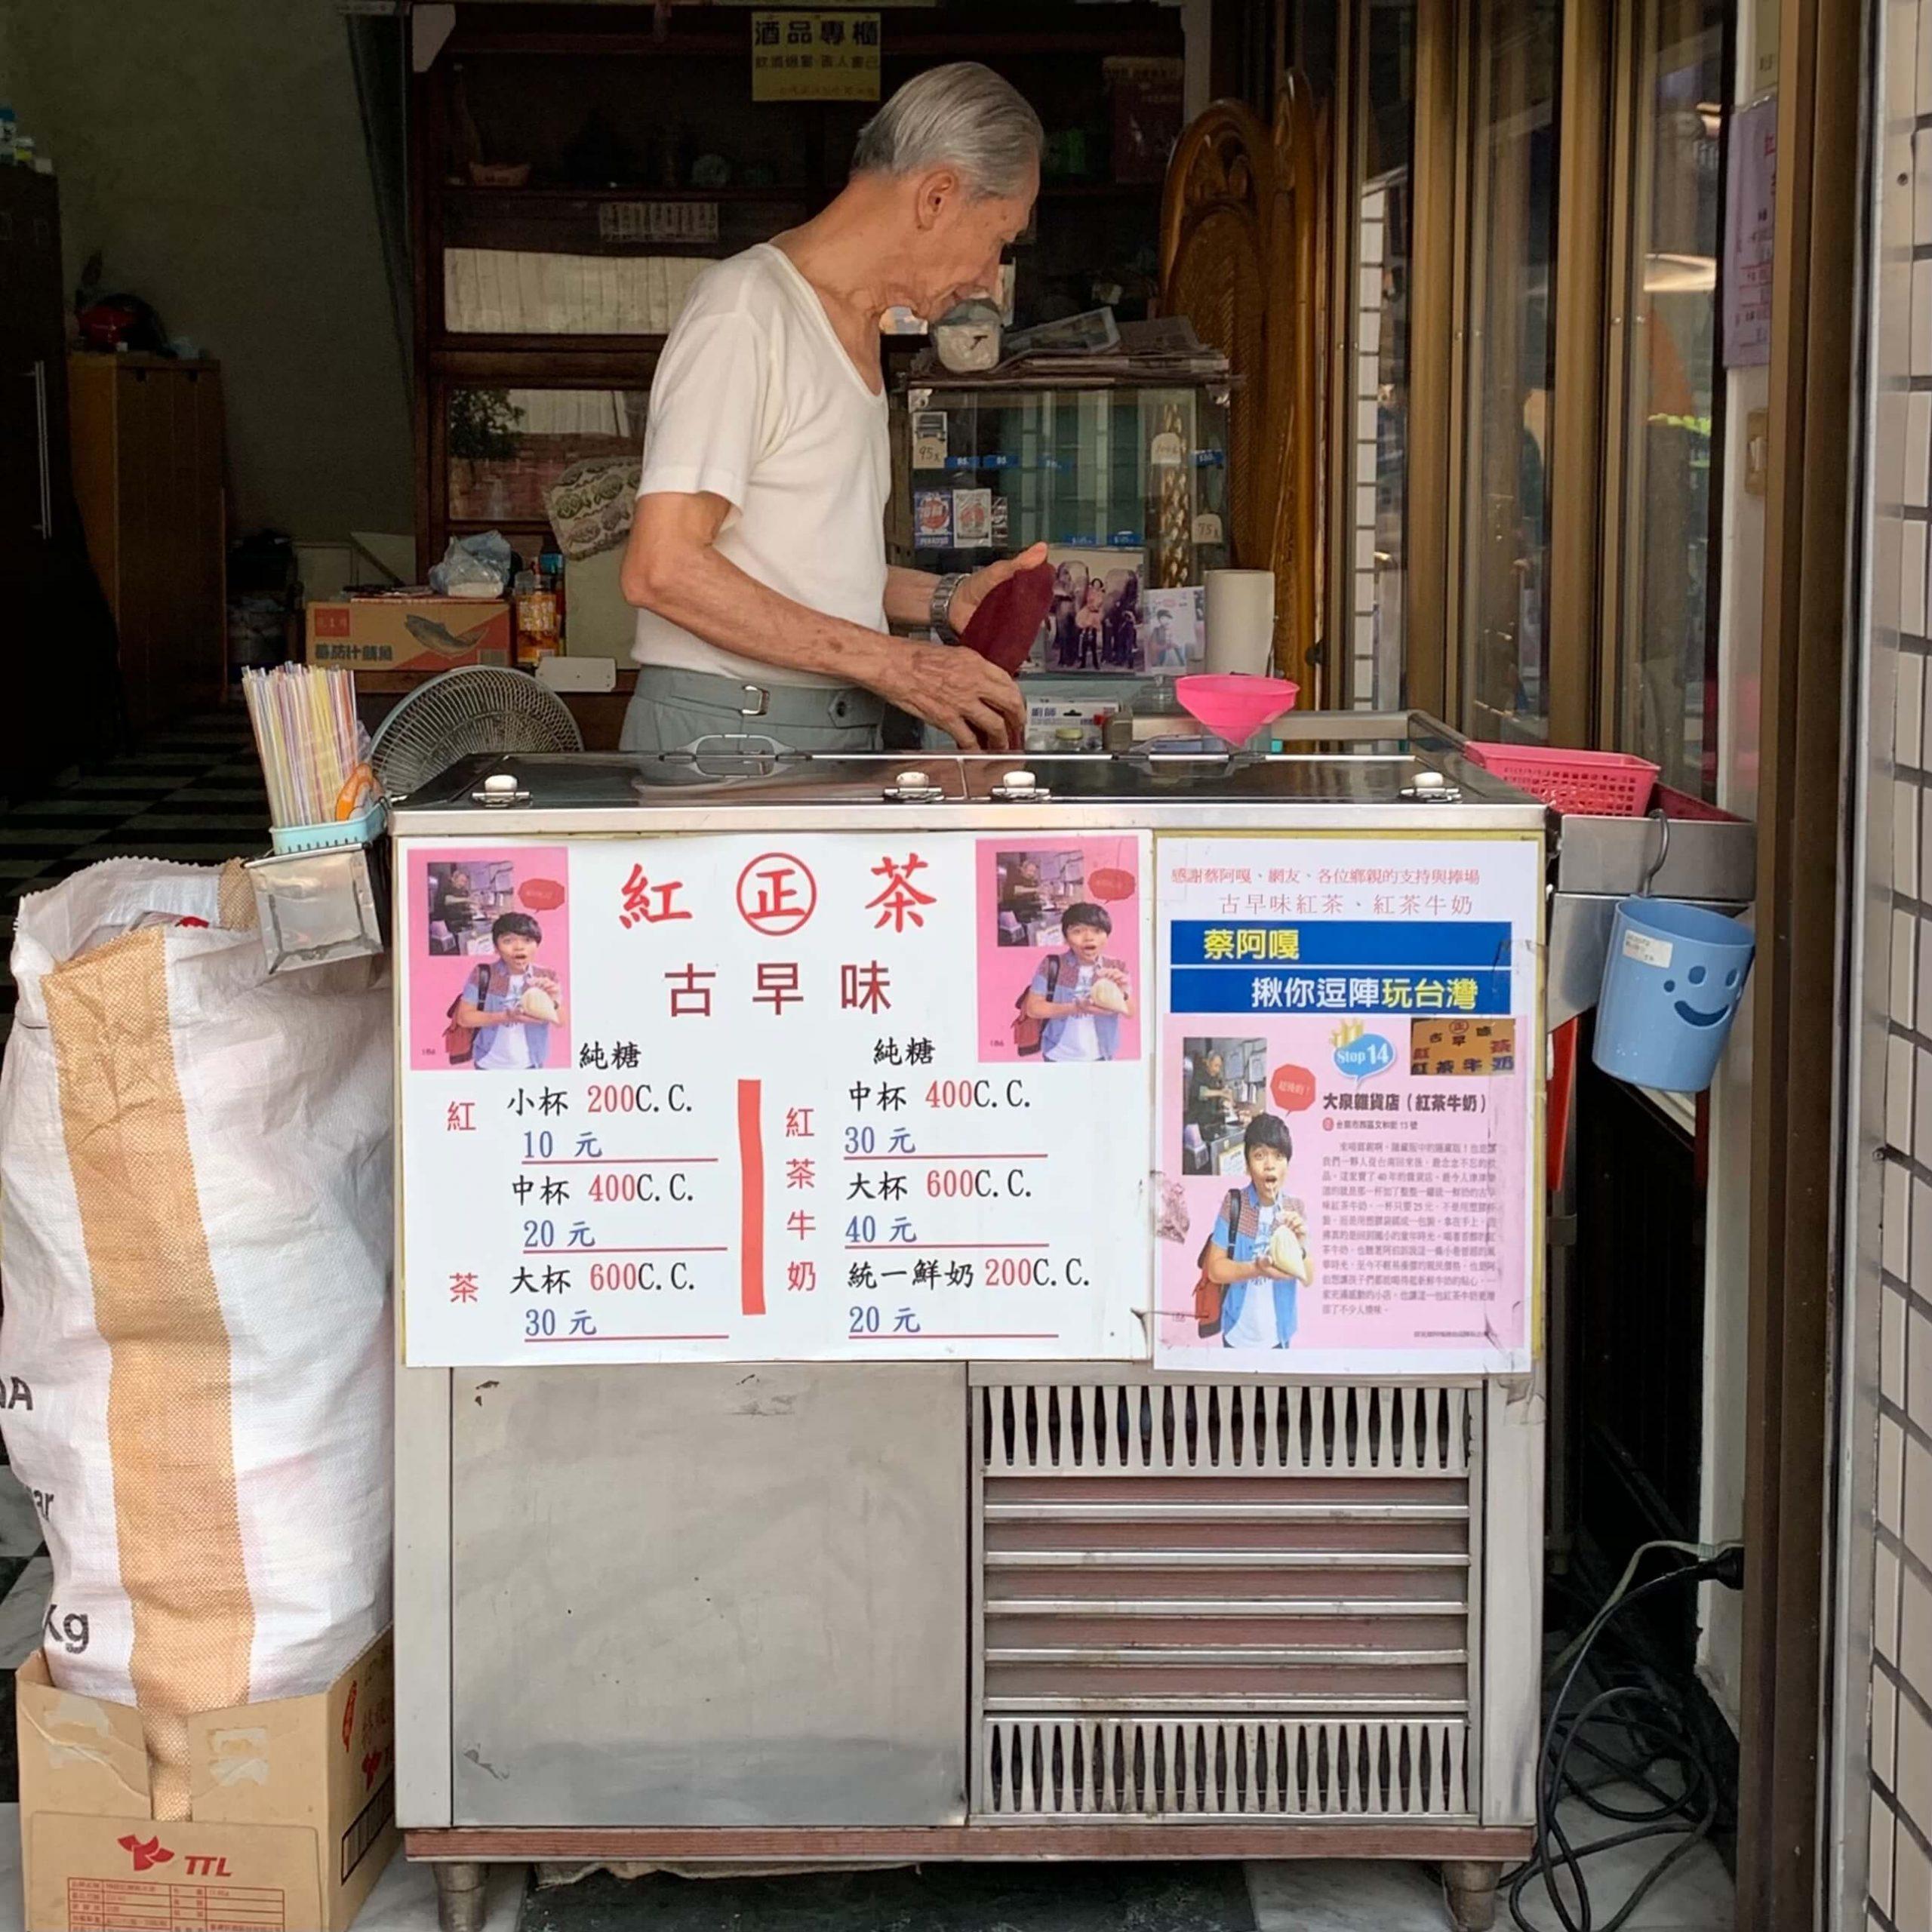 大泉雜貨店菜單MENU